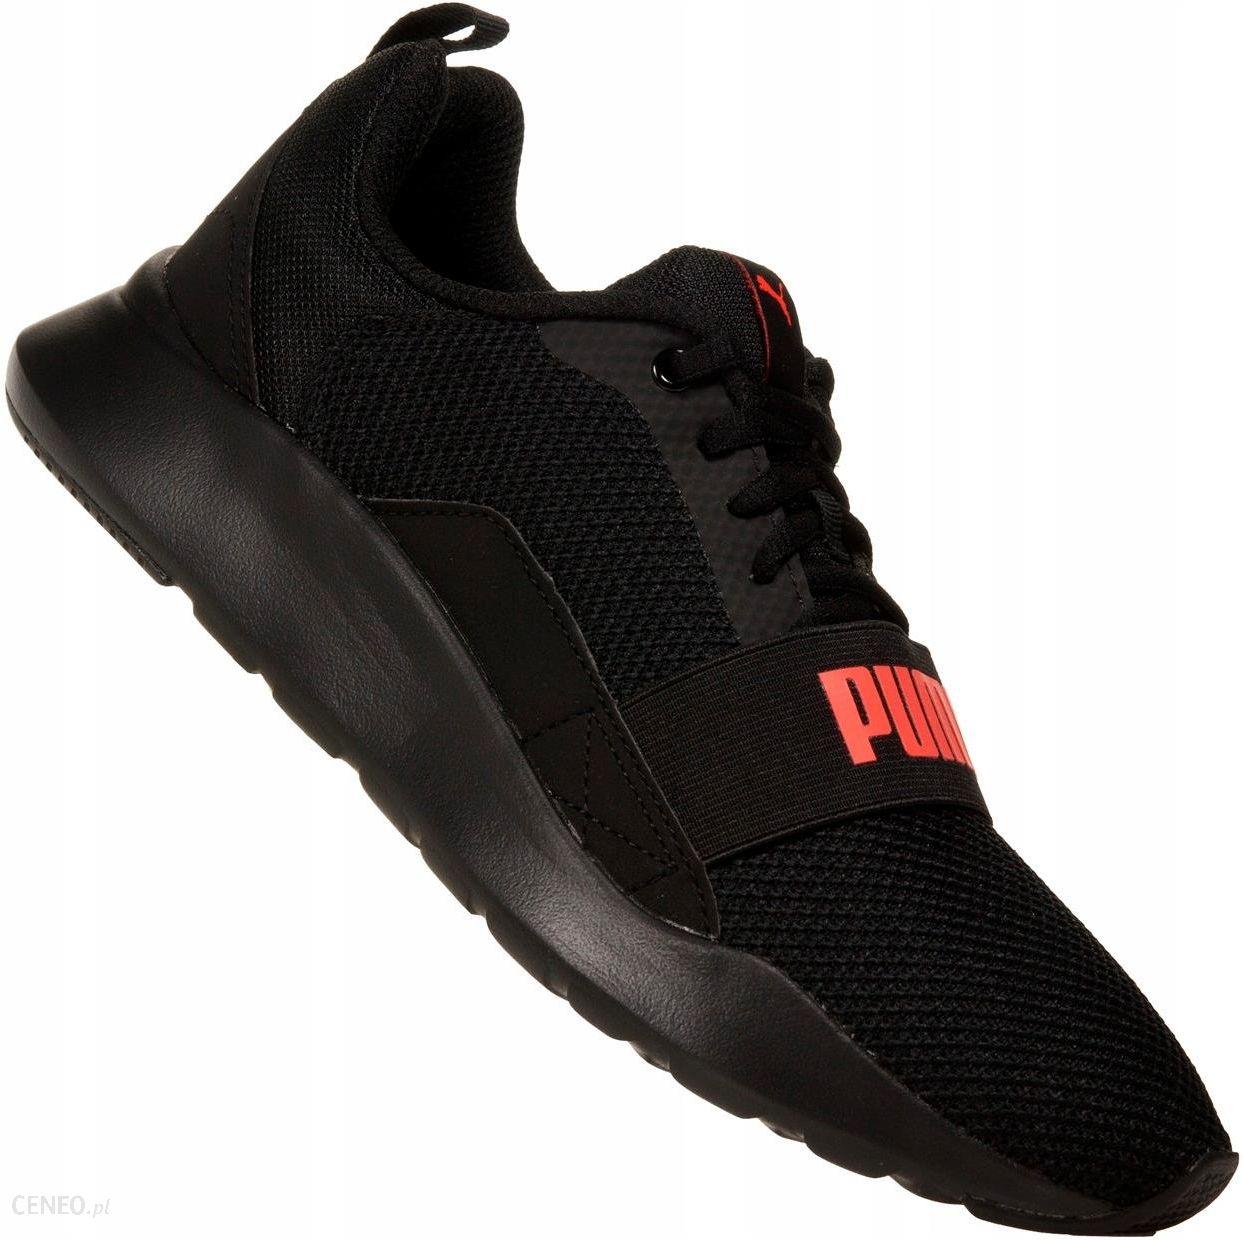 PUMA WIRED buty damskie sportowe r.37